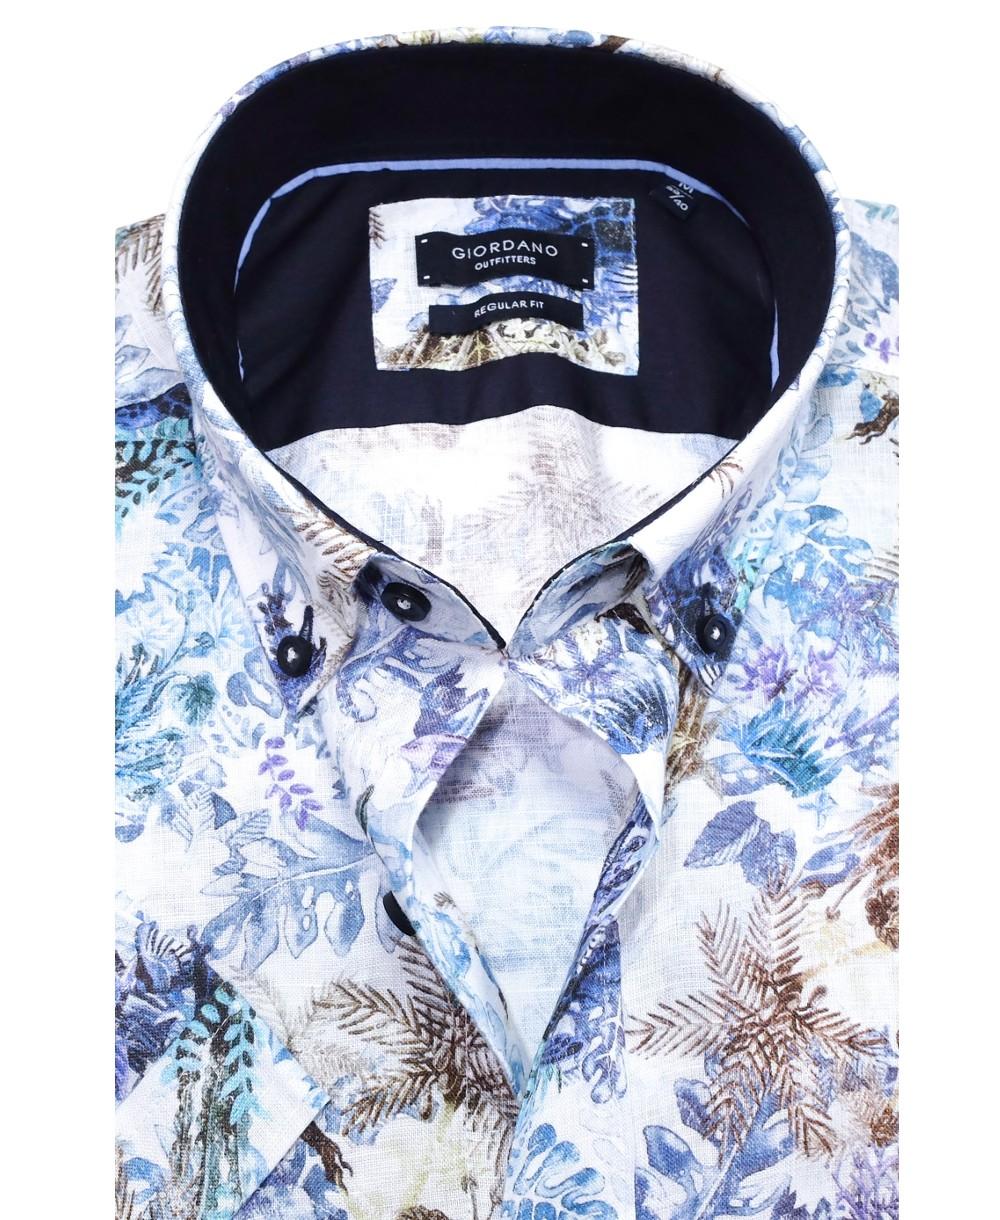 giordano kurzarm freizeithemd mit merresmotiv in weiss blau farbig 616051 63 hochwertige. Black Bedroom Furniture Sets. Home Design Ideas